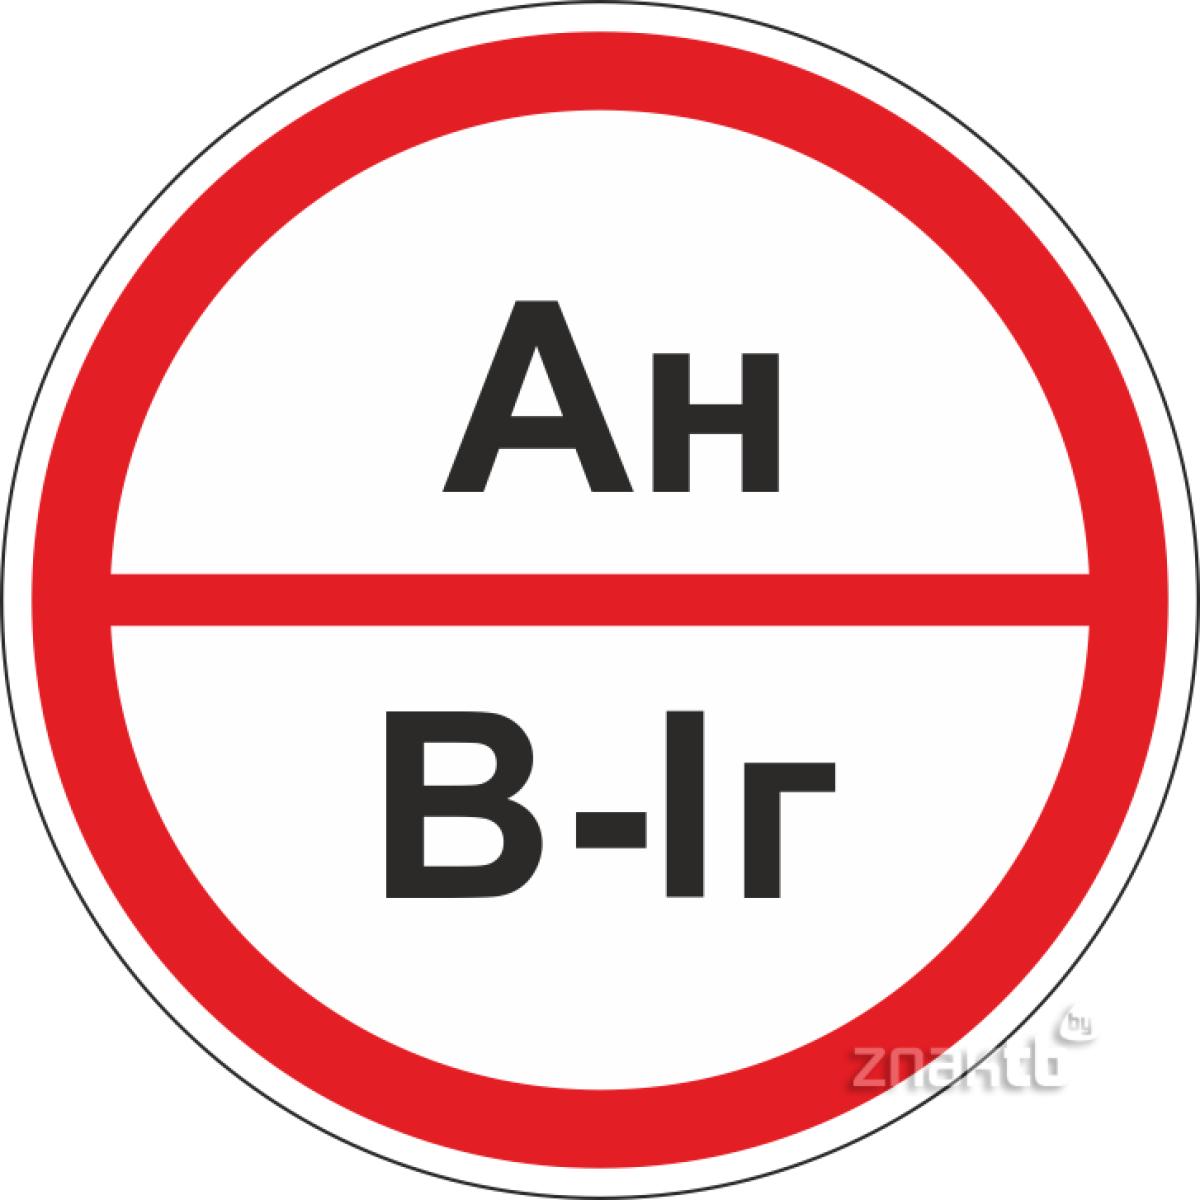 Знак Ан/В1г – повышенная взрывопожароопасность.